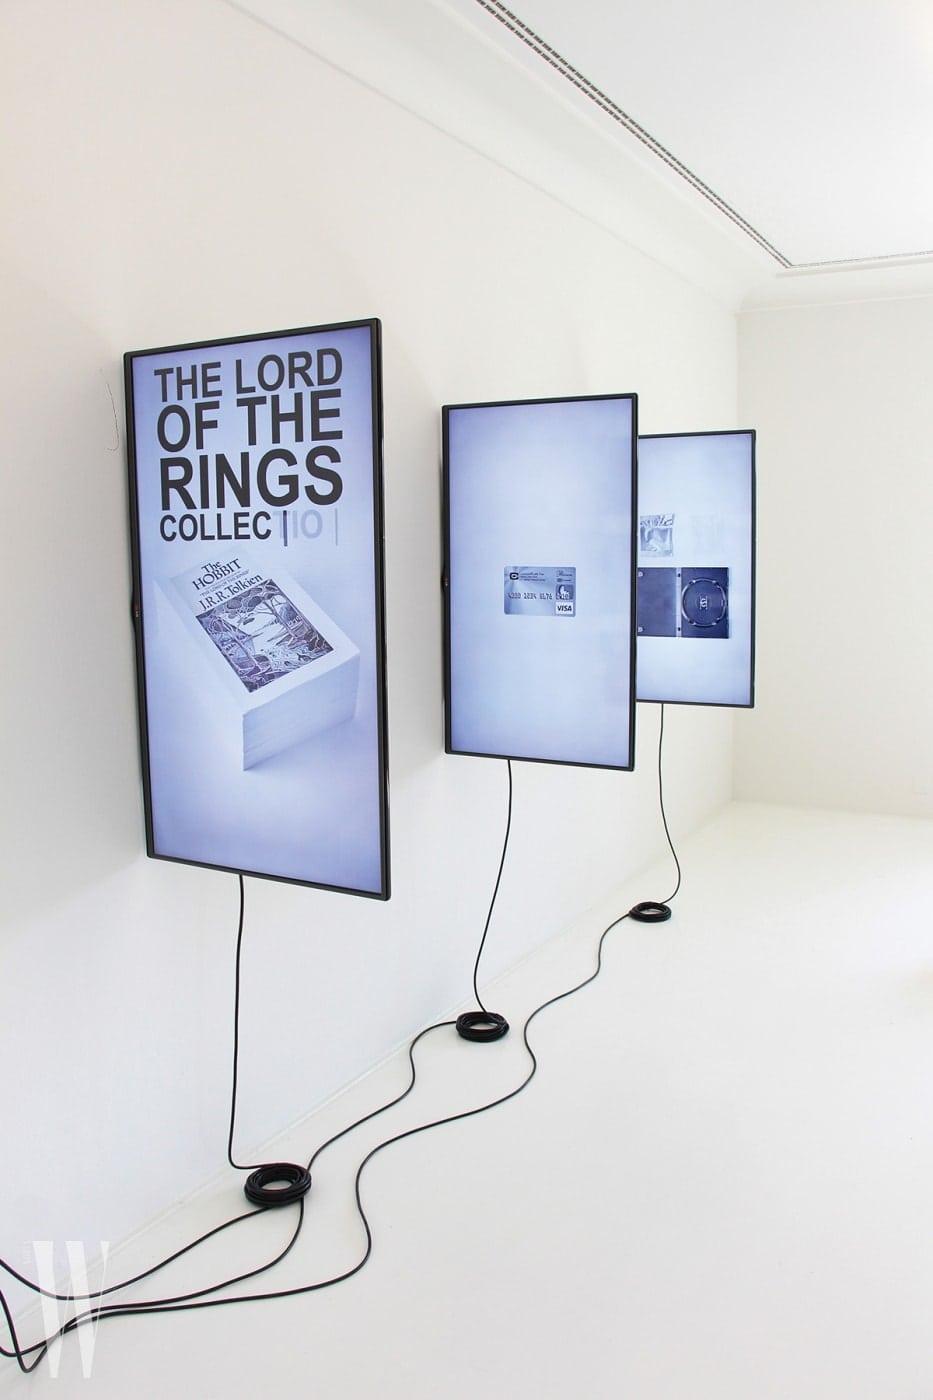 !미디엔그룹비트닉,'무작위 다크넷 구매자- 봇 컬렉션', 2014-2016, 3채널 비디오 설치, 9:40